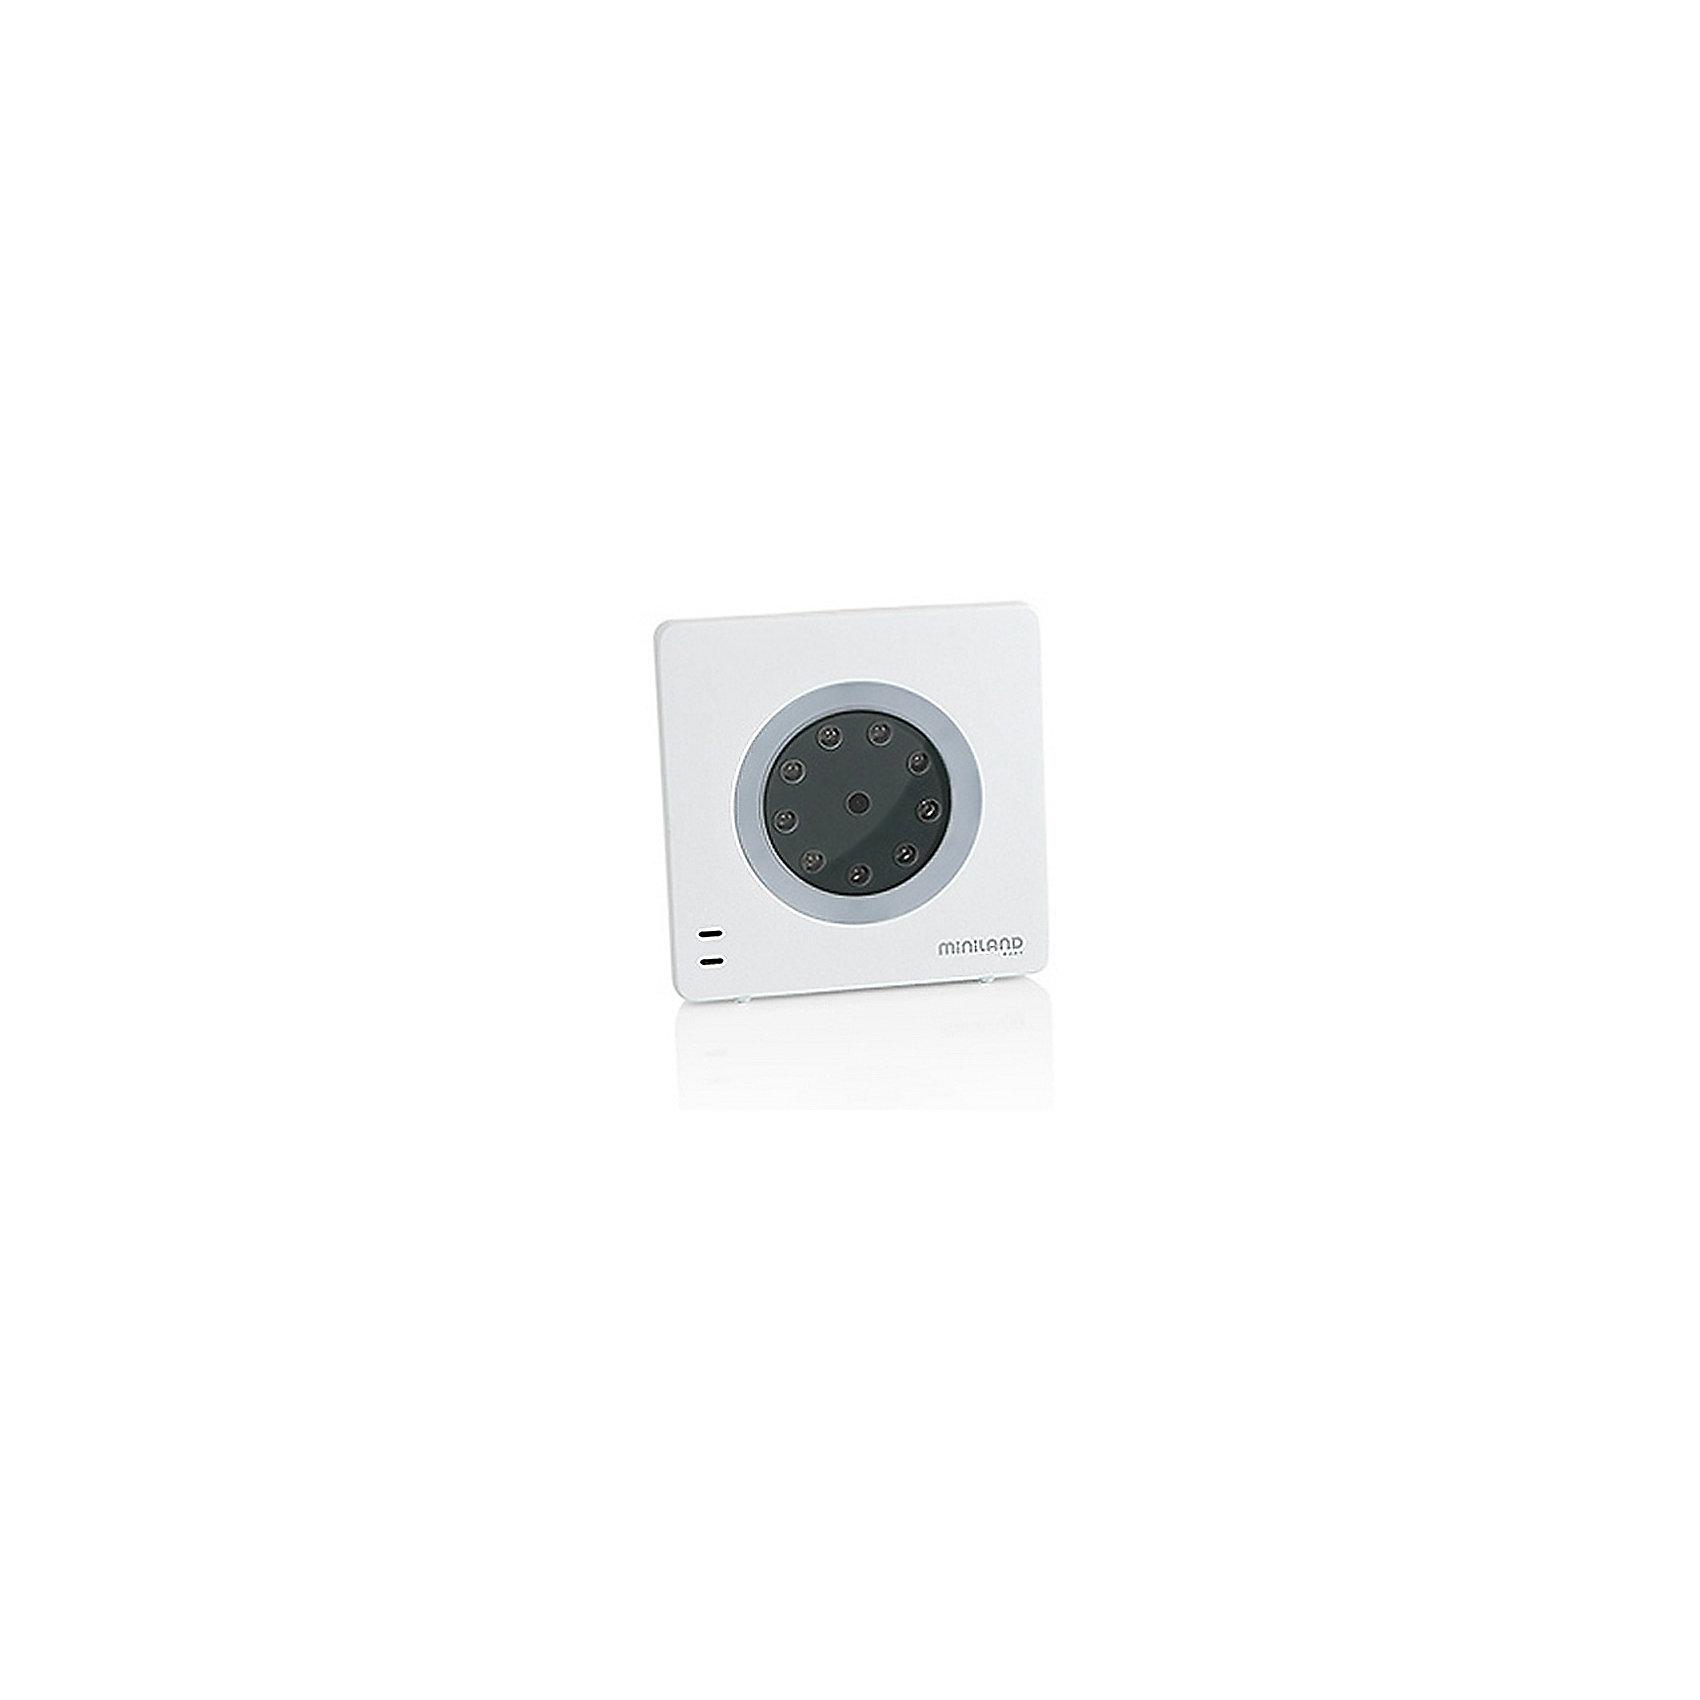 """Дополнительная видеокамера для видеоняни Miniland Digimonitor 3.5"""" TouchКомпактная и портативная дополнительная видеокамера для видеоняни Digimonitor 3.5"""" Touch позволяет значительно расширить функционал и возможности устройства. Дополнительная камера необходима для вывода изображения с другой точки на родительский блок. Одновременно к одному родительскому блоку можно подключить до 4  видеокамер, изображение с которых просматривается поочередно. При недостаточном освещении автоматически включается инфракрасный режим. <br><br>Дополнительная информация:<br><br>- Размер: 8х8х3 см.<br>- Материал: пластик, металл.<br>- Активация звуком. <br>- Функция ночного видения.<br>- Радиус действия: до 300м.<br>- Работает от сети или батареек АА (не входят в комплект)<br>- Гибкий штатив-тренога для видеокамеры в комплекте.<br><br>Дополнительную видеокамеру для видеоняни Miniland Digimonitor 3.5"""" Touch можно купить в нашем магазине.<br><br>Ширина мм: 190<br>Глубина мм: 130<br>Высота мм: 70<br>Вес г: 450<br>Возраст от месяцев: 0<br>Возраст до месяцев: 36<br>Пол: Унисекс<br>Возраст: Детский<br>SKU: 4047560"""